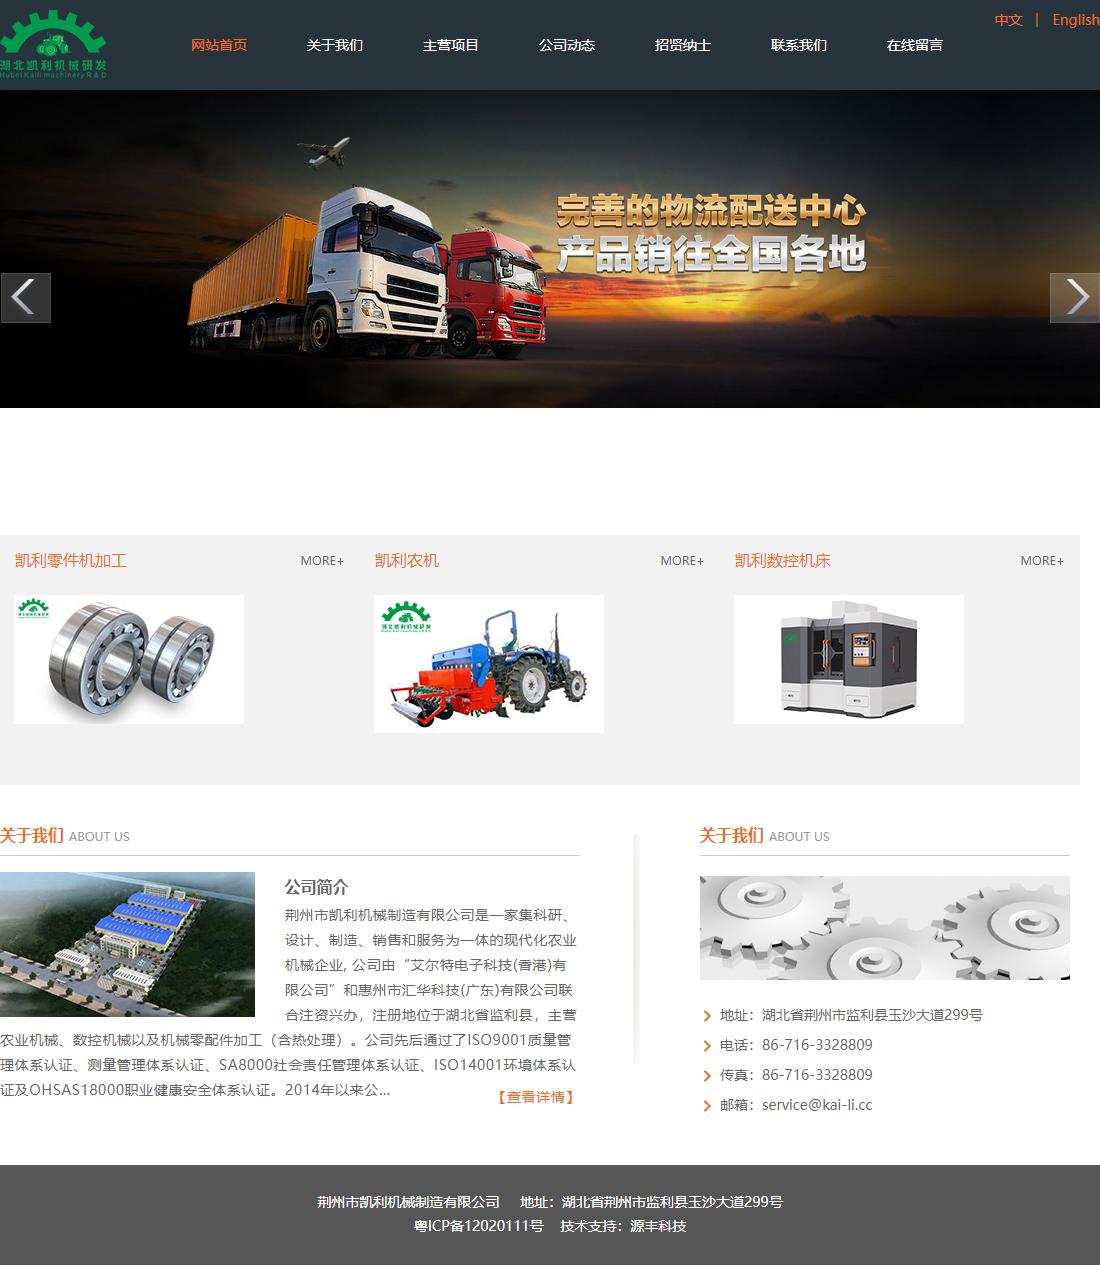 荆州市凯利机械制造有限公司网站案例